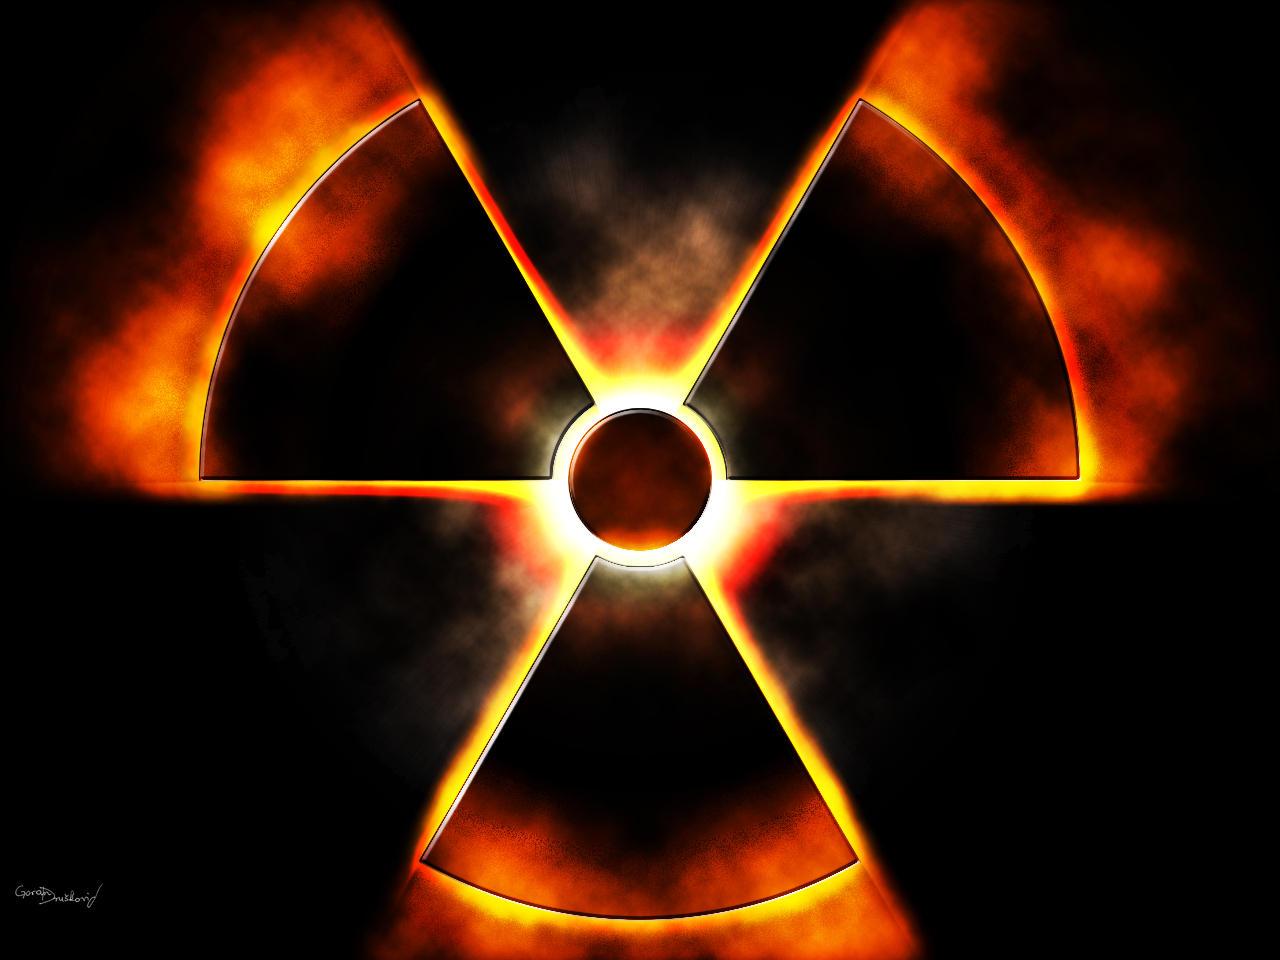 http://fc03.deviantart.net/fs5/i/2005/001/0/6/Nuclear_Reactor_by_goran_d.jpg